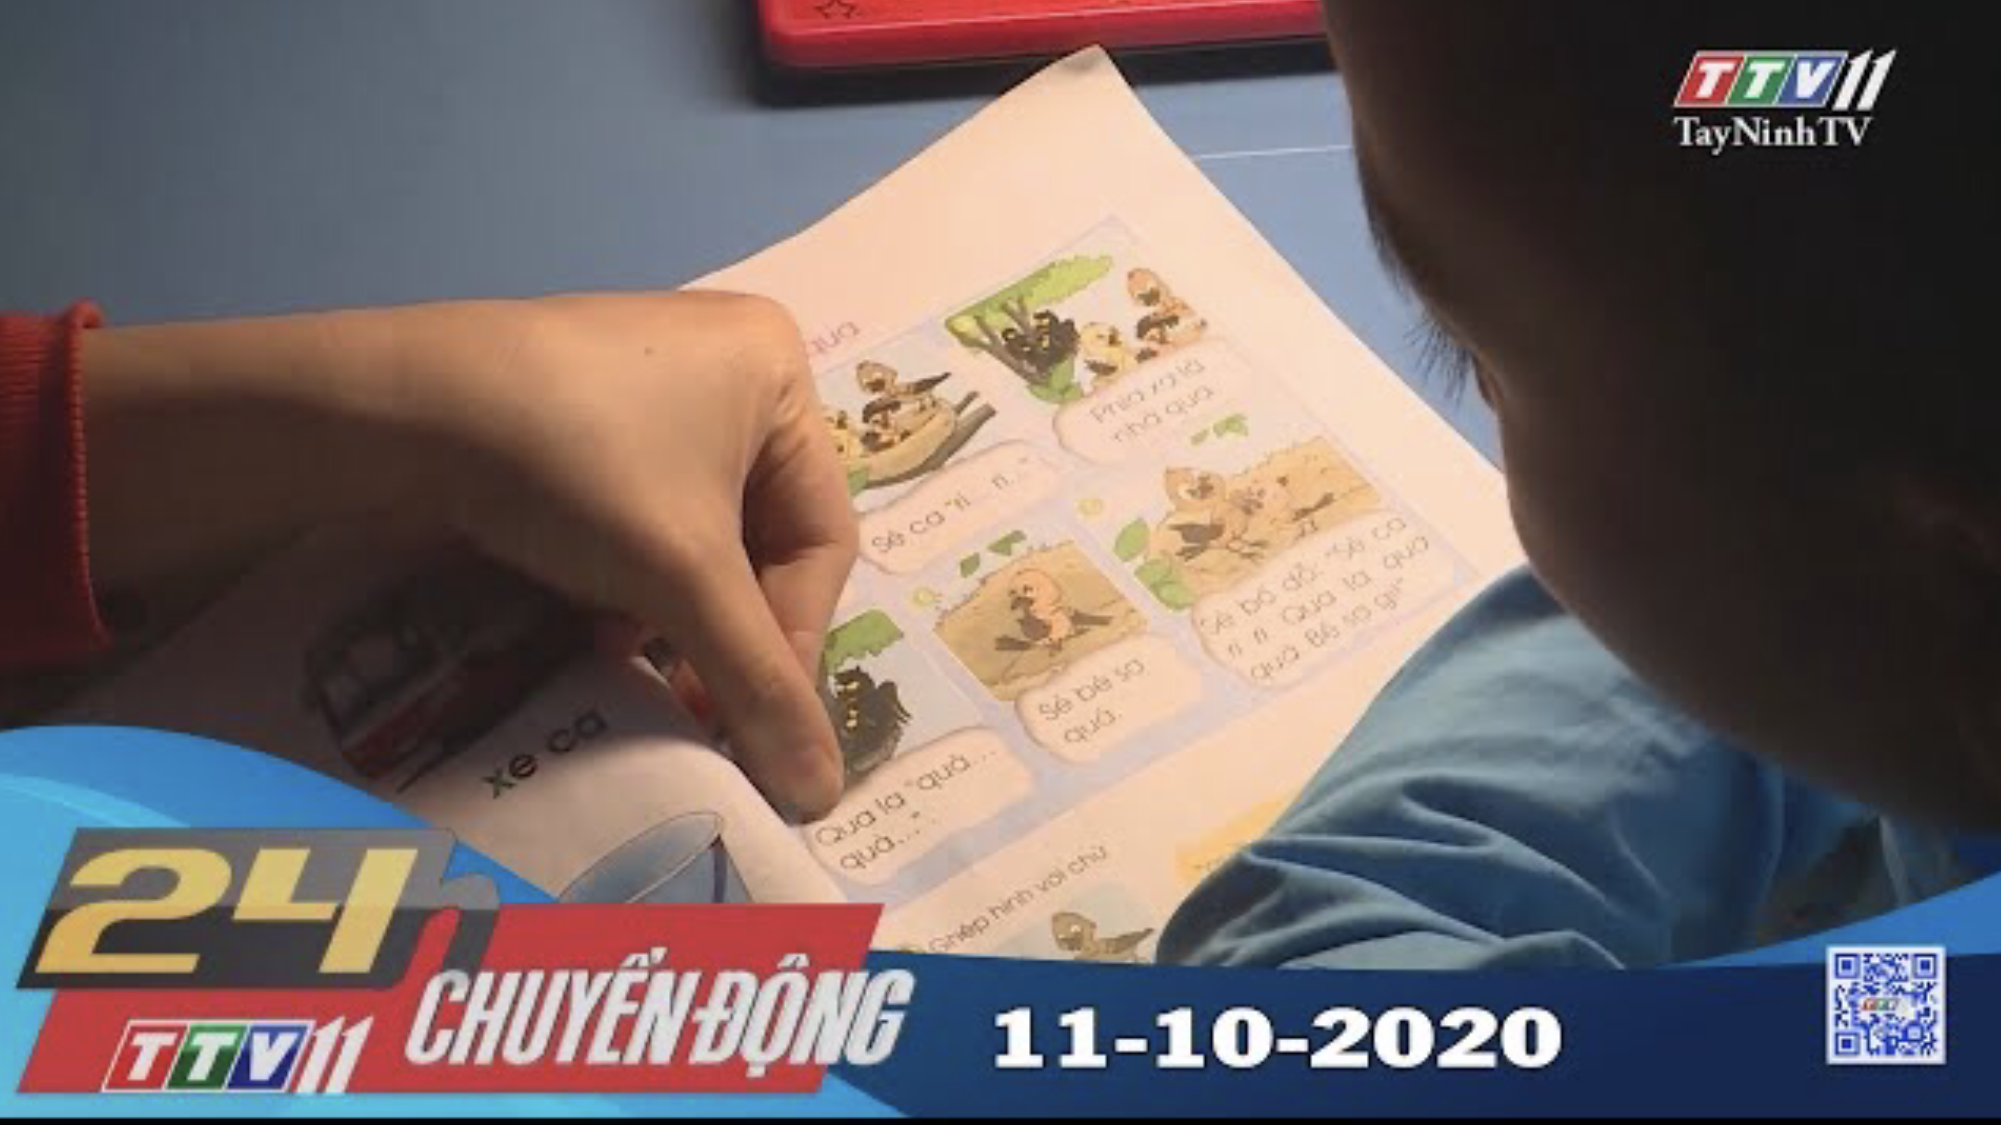 24h Chuyển động 11-10-2020 | Tin tức hôm nay | TayNinhTV